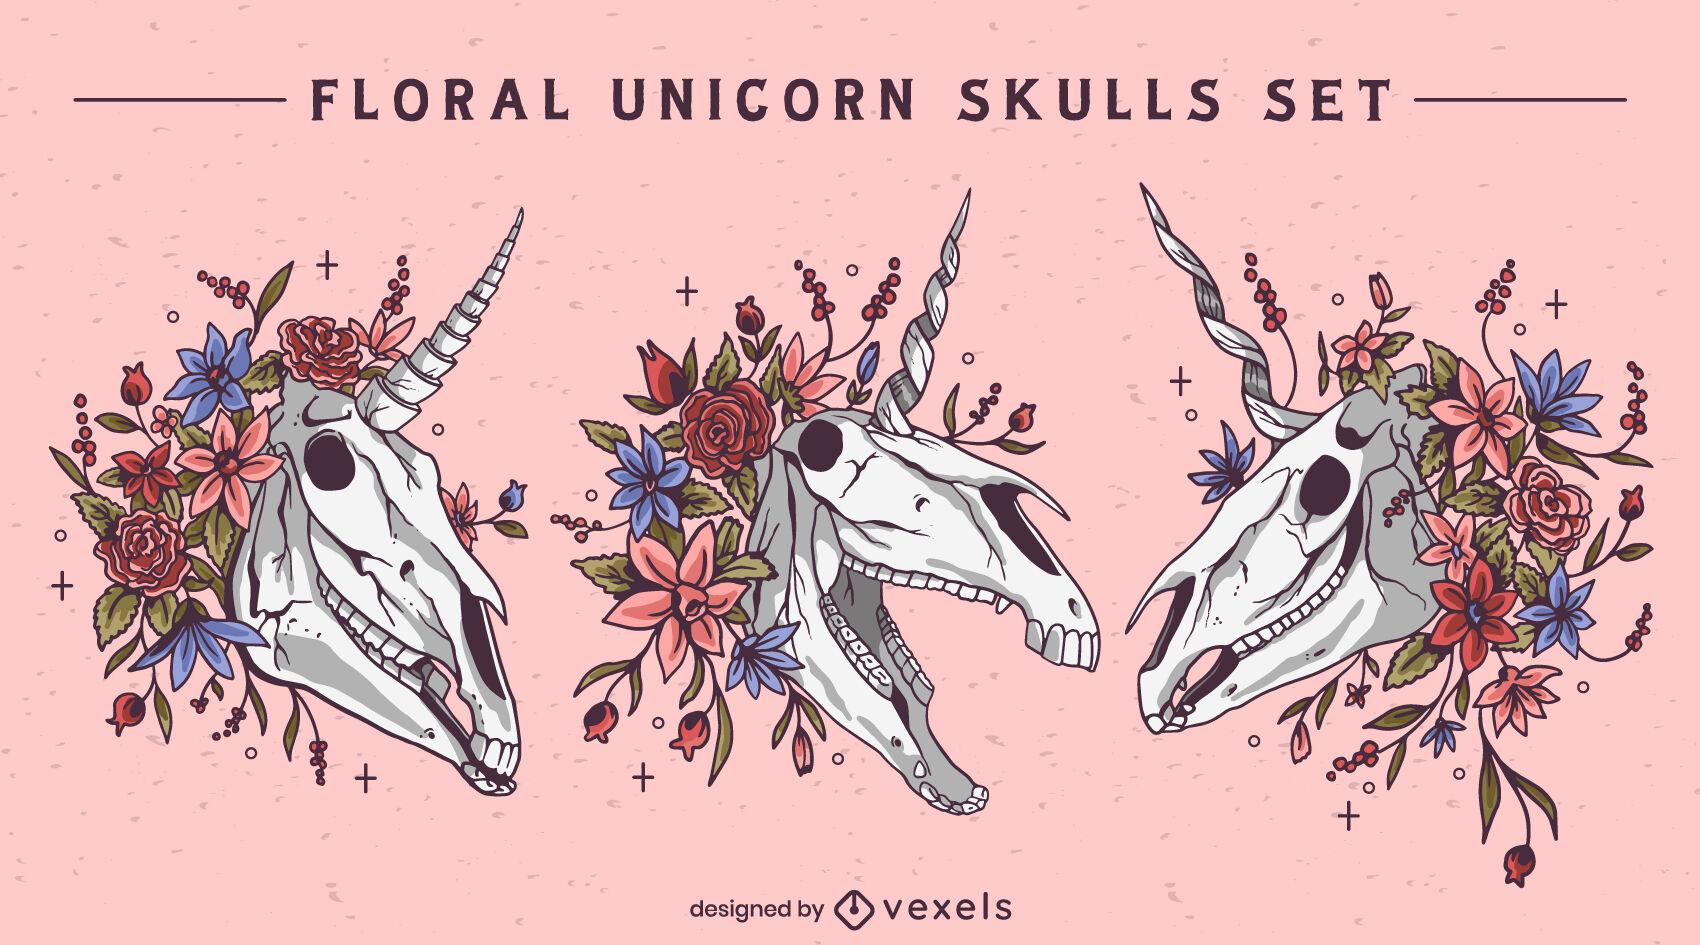 Conjunto de skuls de unicórnio floral morto